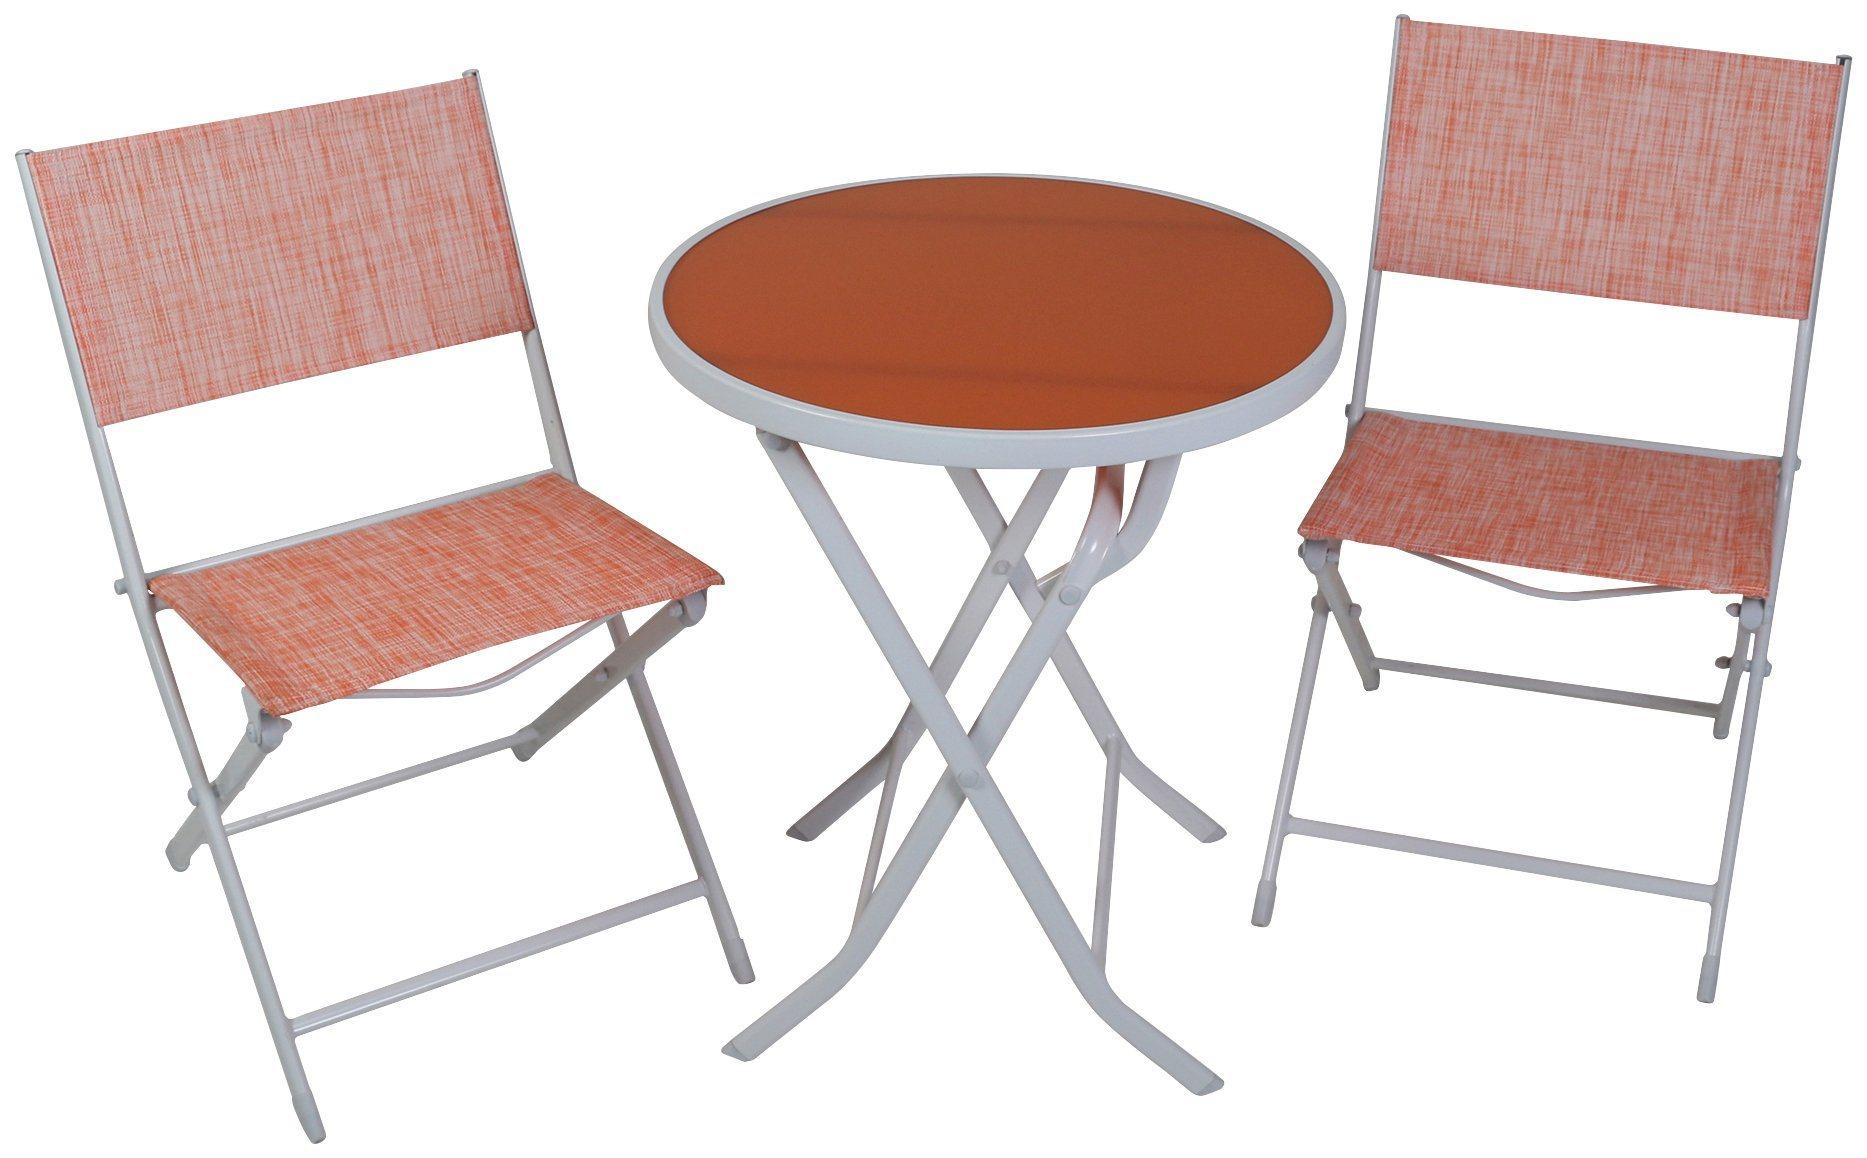 GREEMOTION Balkonset , 3-tlg., 2 Stühle, Tisch 60x60 cm, Stahl   Garten > Balkon > Balkontische   Greemotion